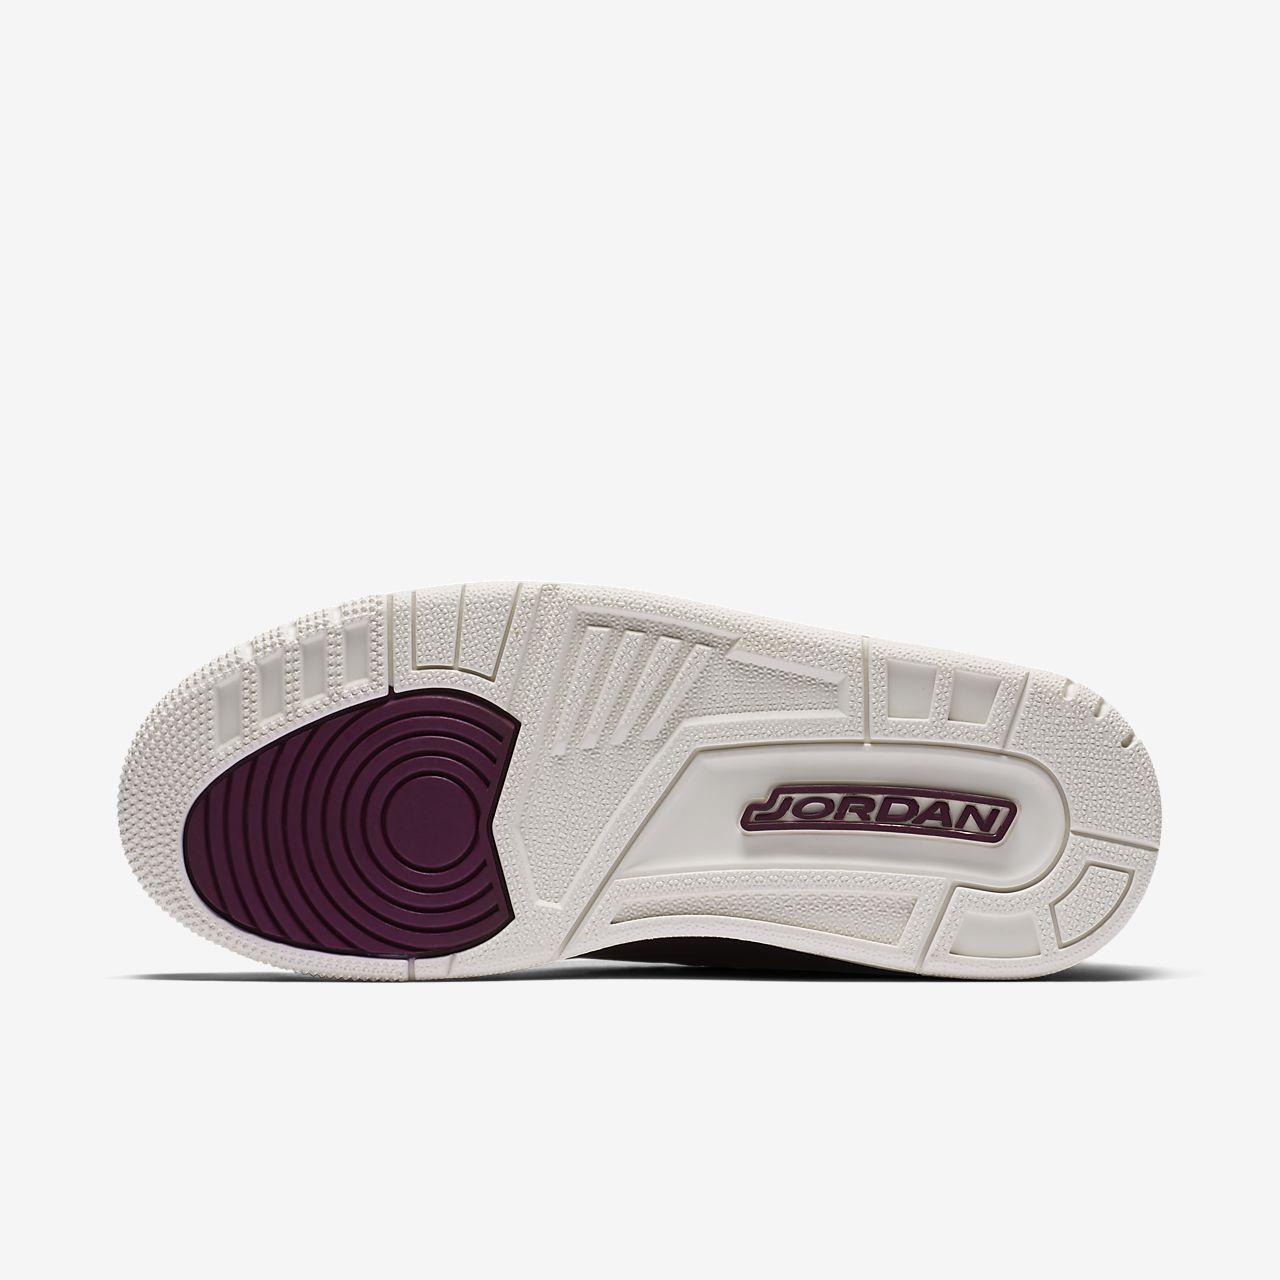 e12238683584 Air Jordan 3 Retro SE Women s Shoe. Nike.com ZA